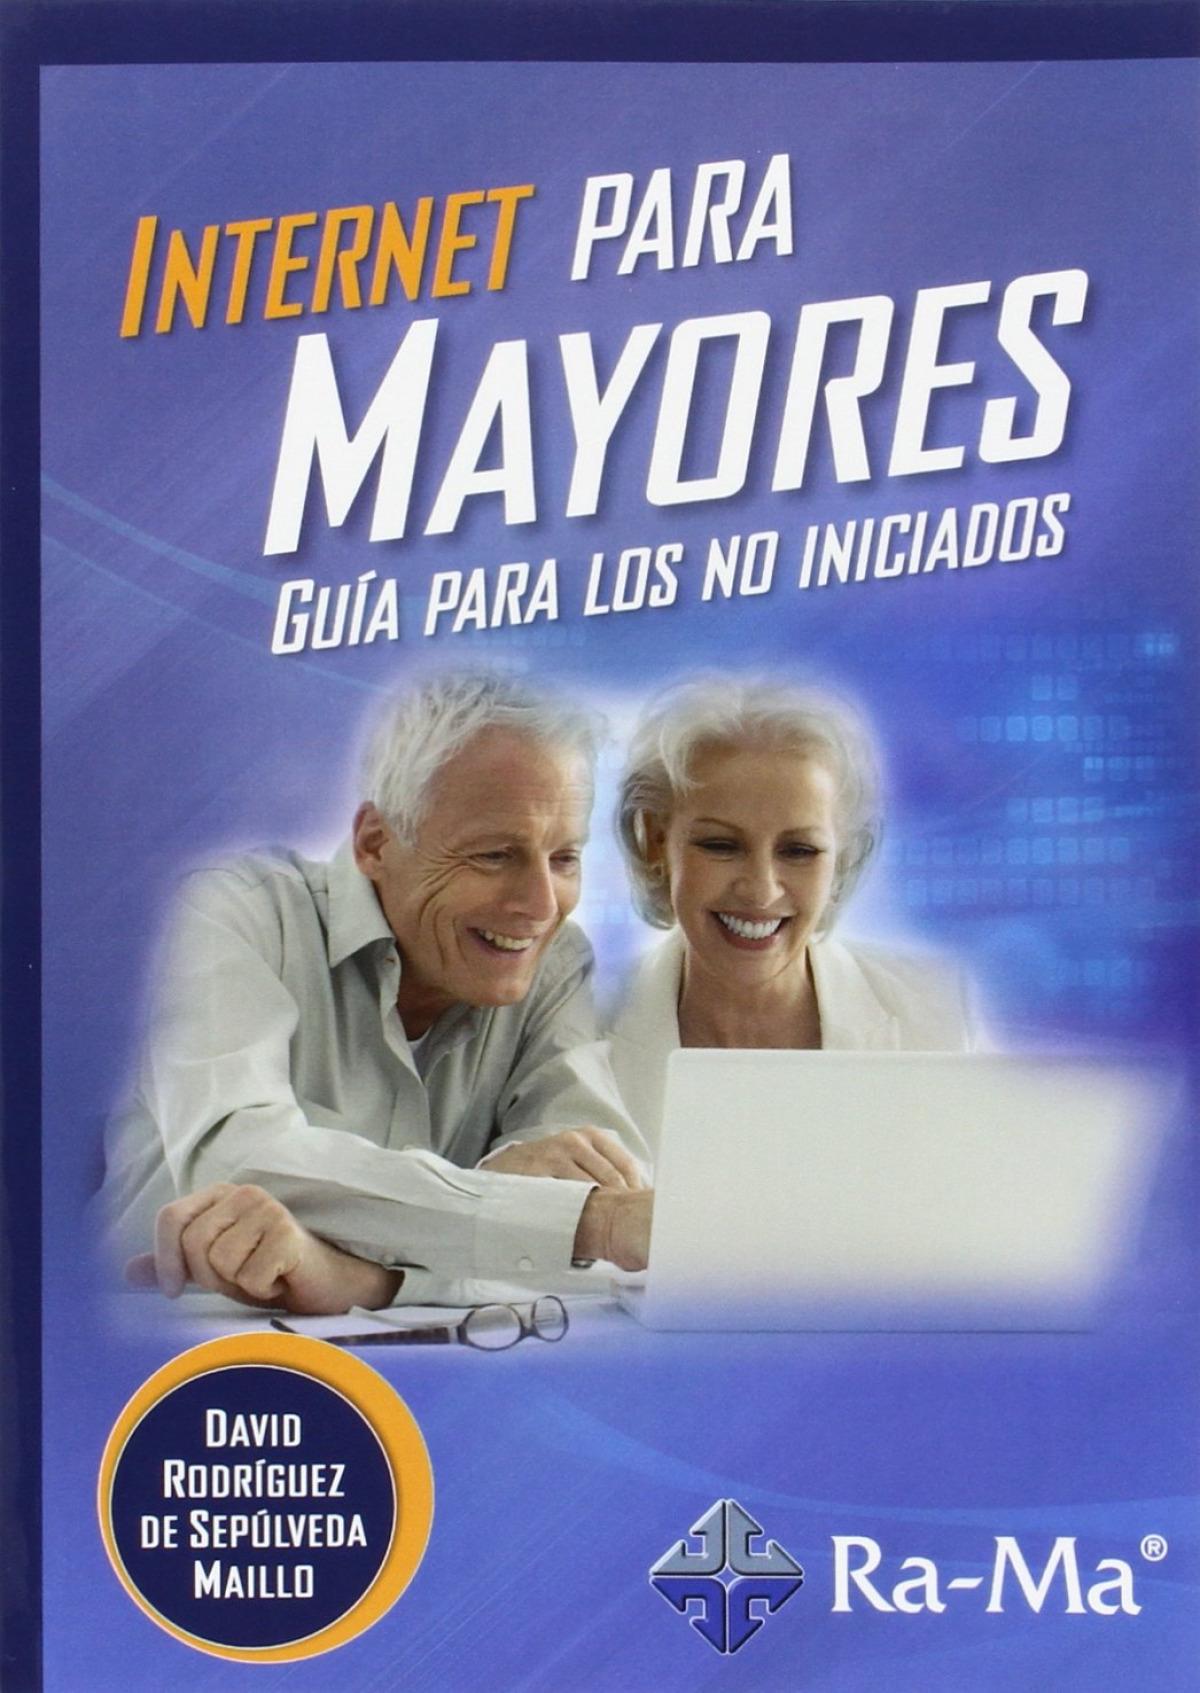 INTERNET PARA MAYORES: GUIA PARA LOS NO INICIADOS 9788499645575